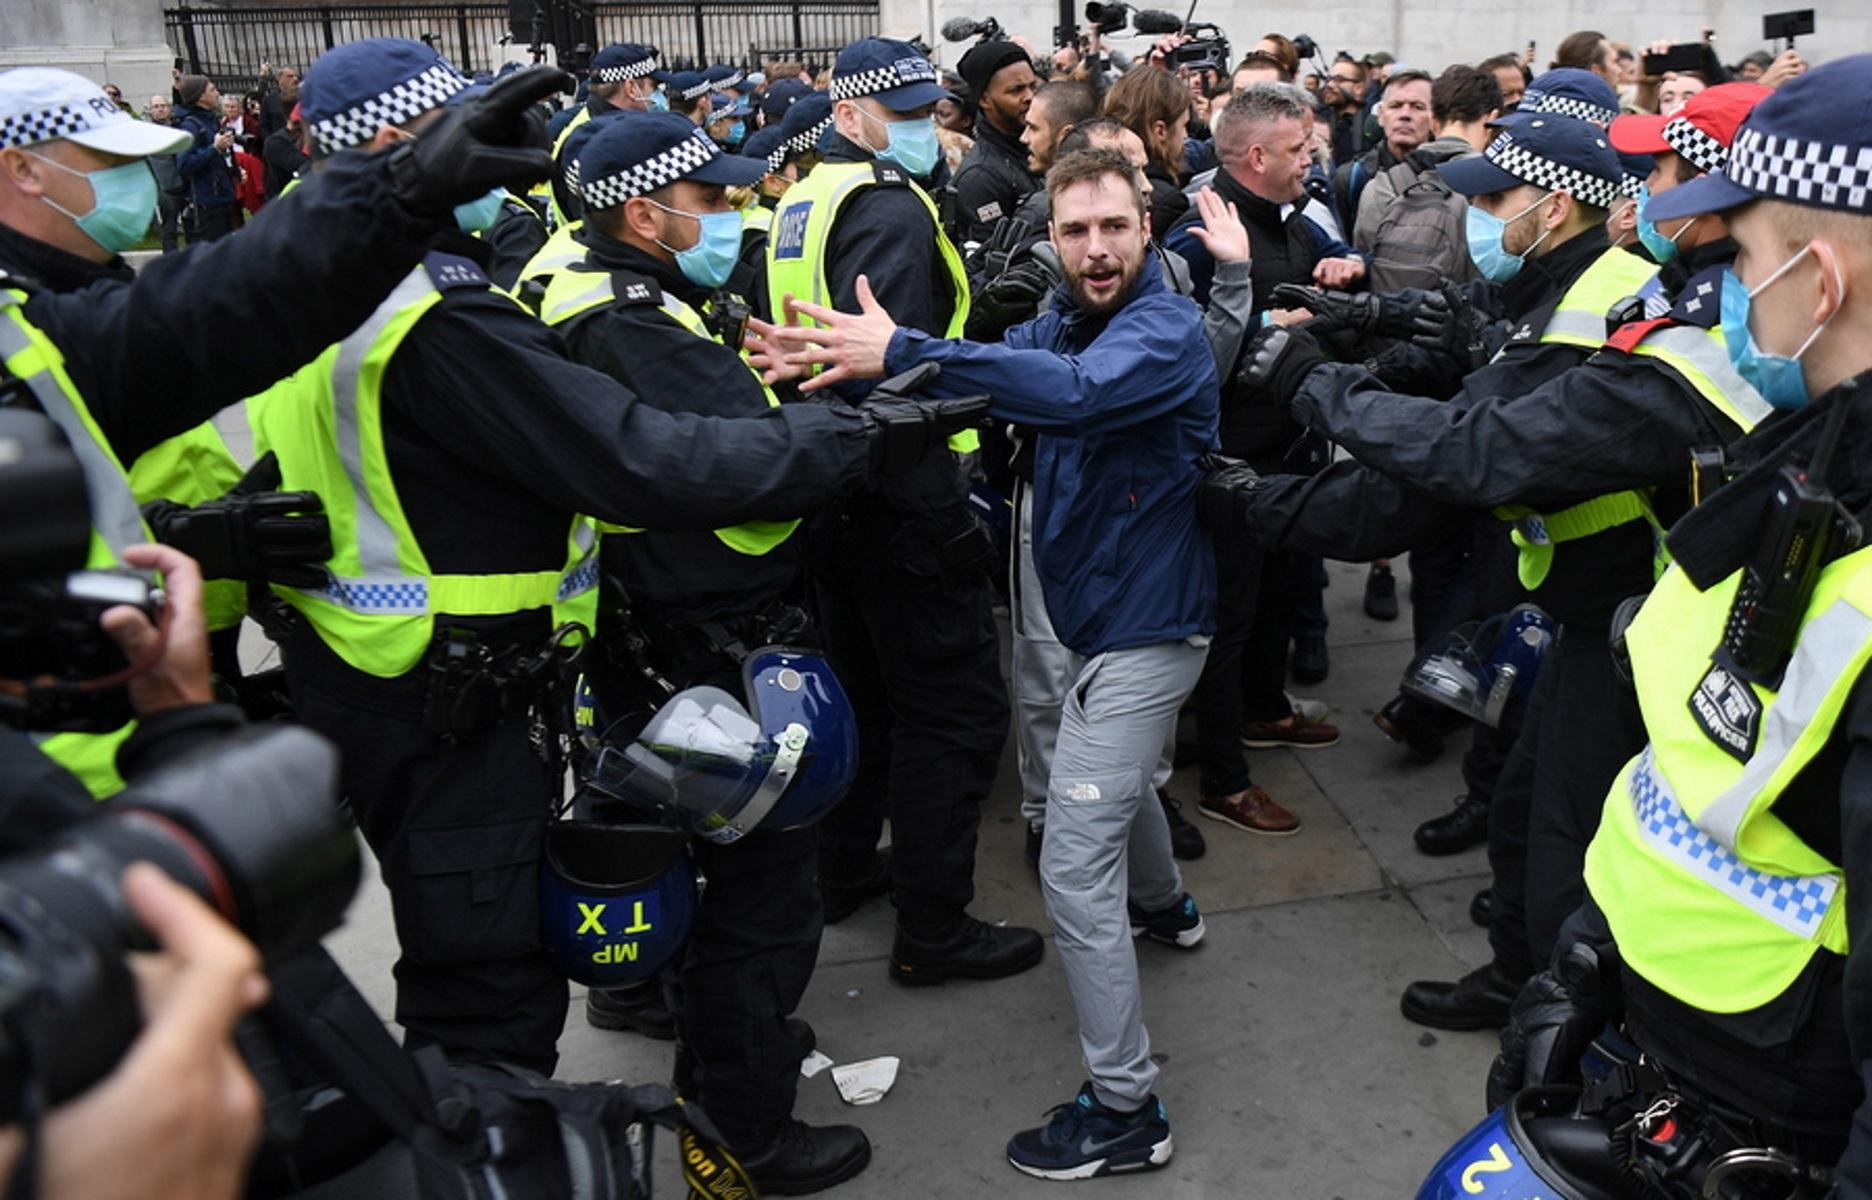 Λονδίνο: Πεδίο μάχης η πλατεία Τραφάλγκαρ για τα μέτρα κατά του κορονοϊού